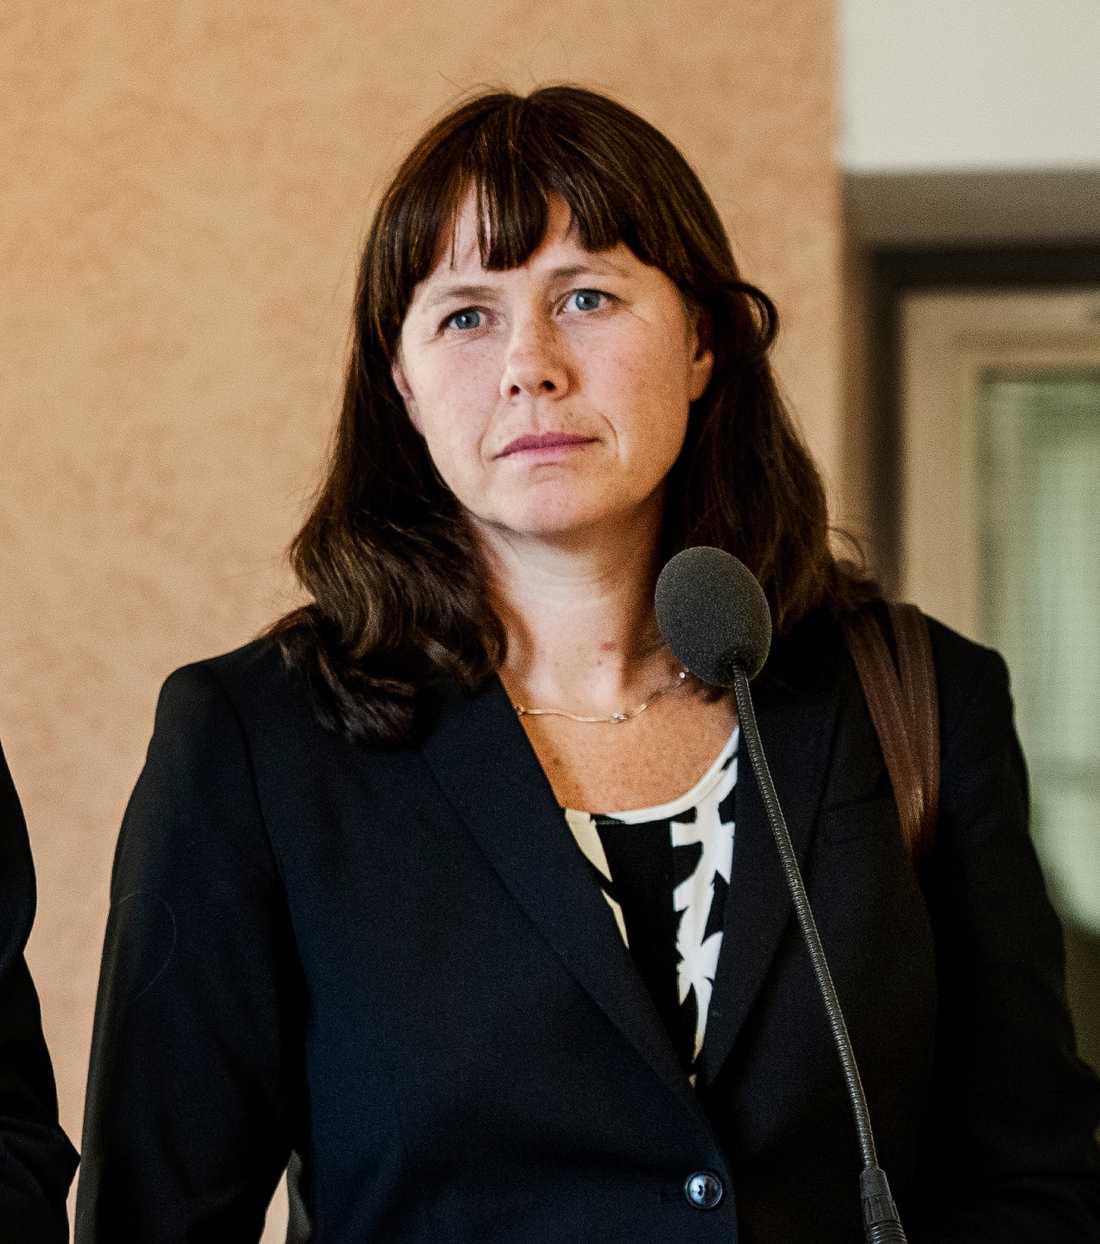 Klimat-, miljöminister och vice statsminister Åsa Romson (MP), 42